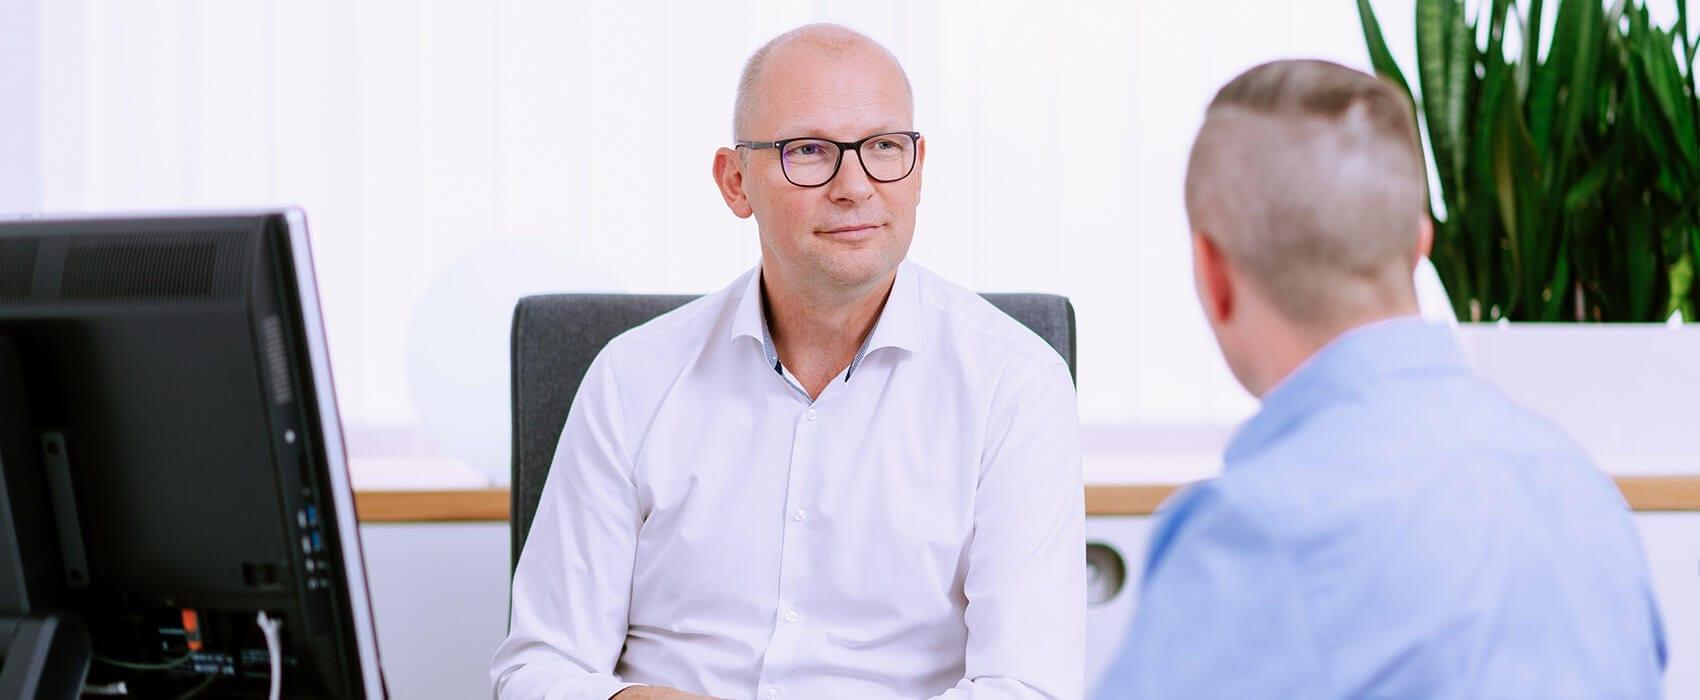 Kardiologe Dr. med. Stefan Dierkes in einem Patientengespräch in der Cardiopraxis